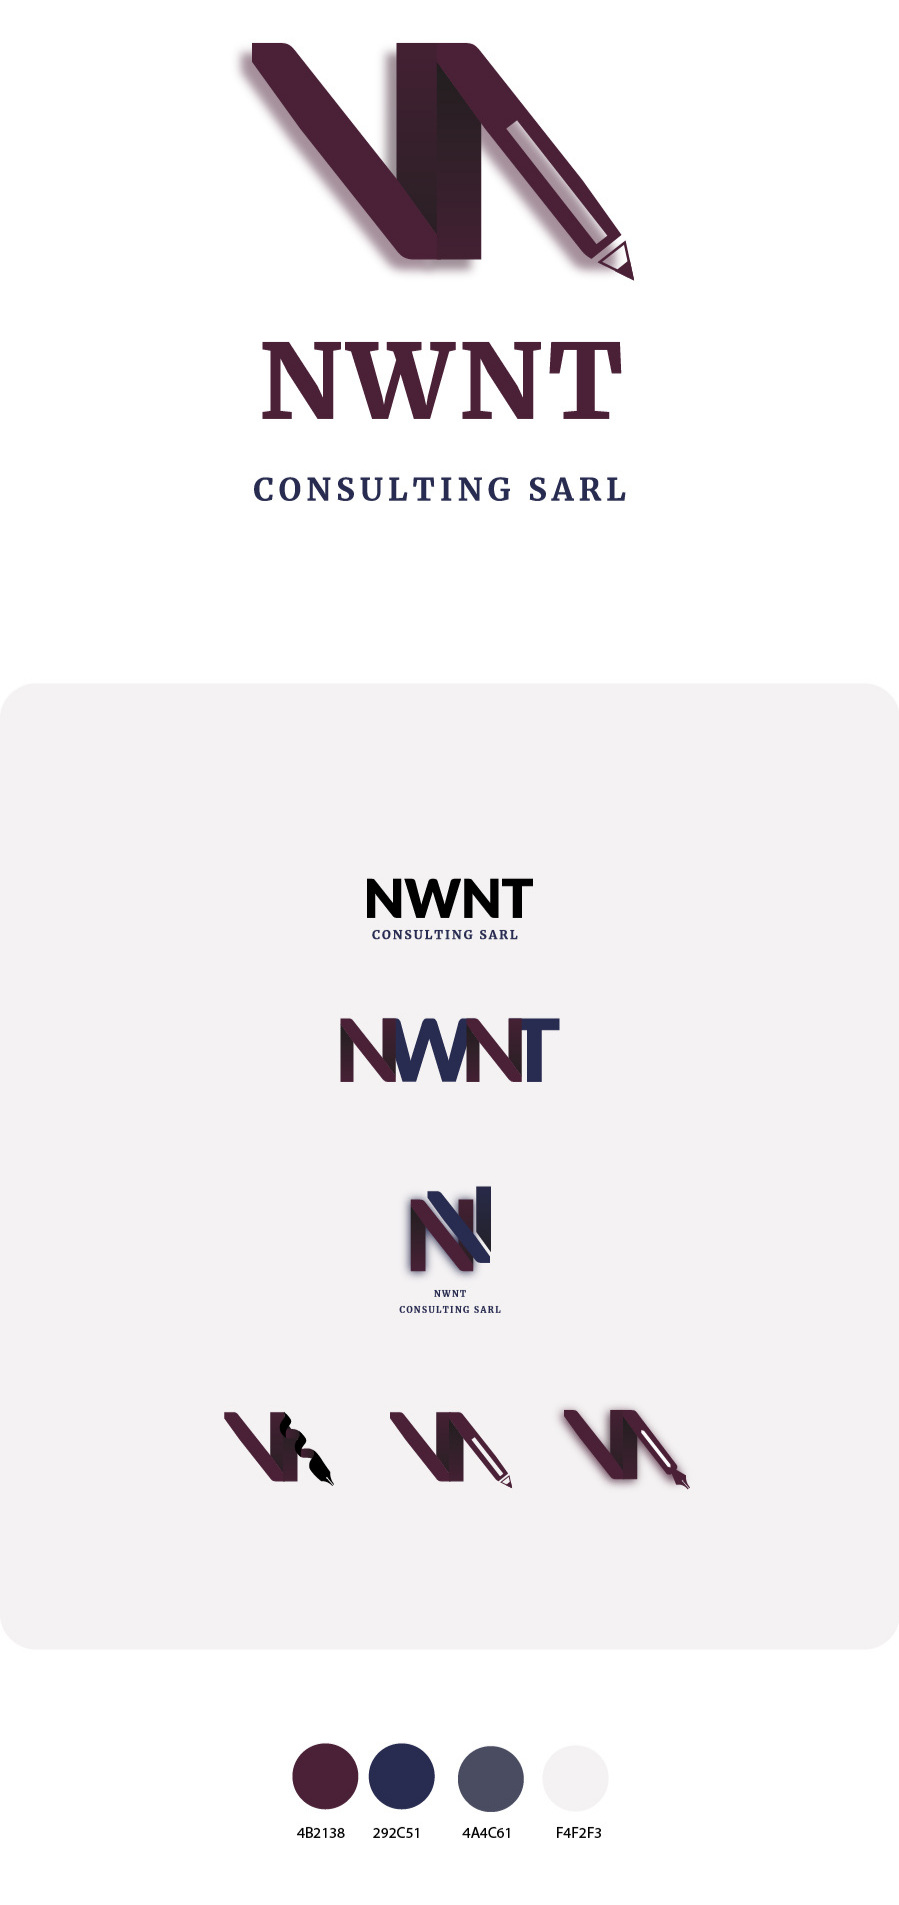 NWNT+-01.jpg